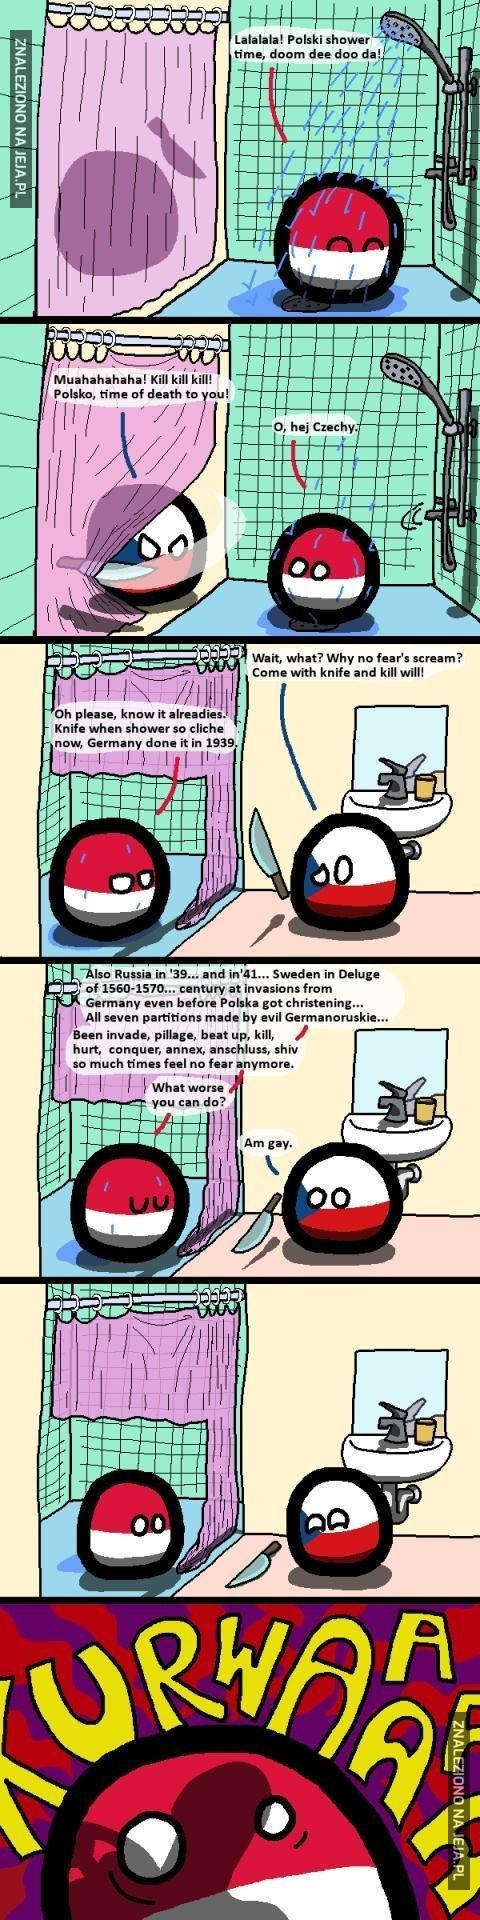 Czeski gej